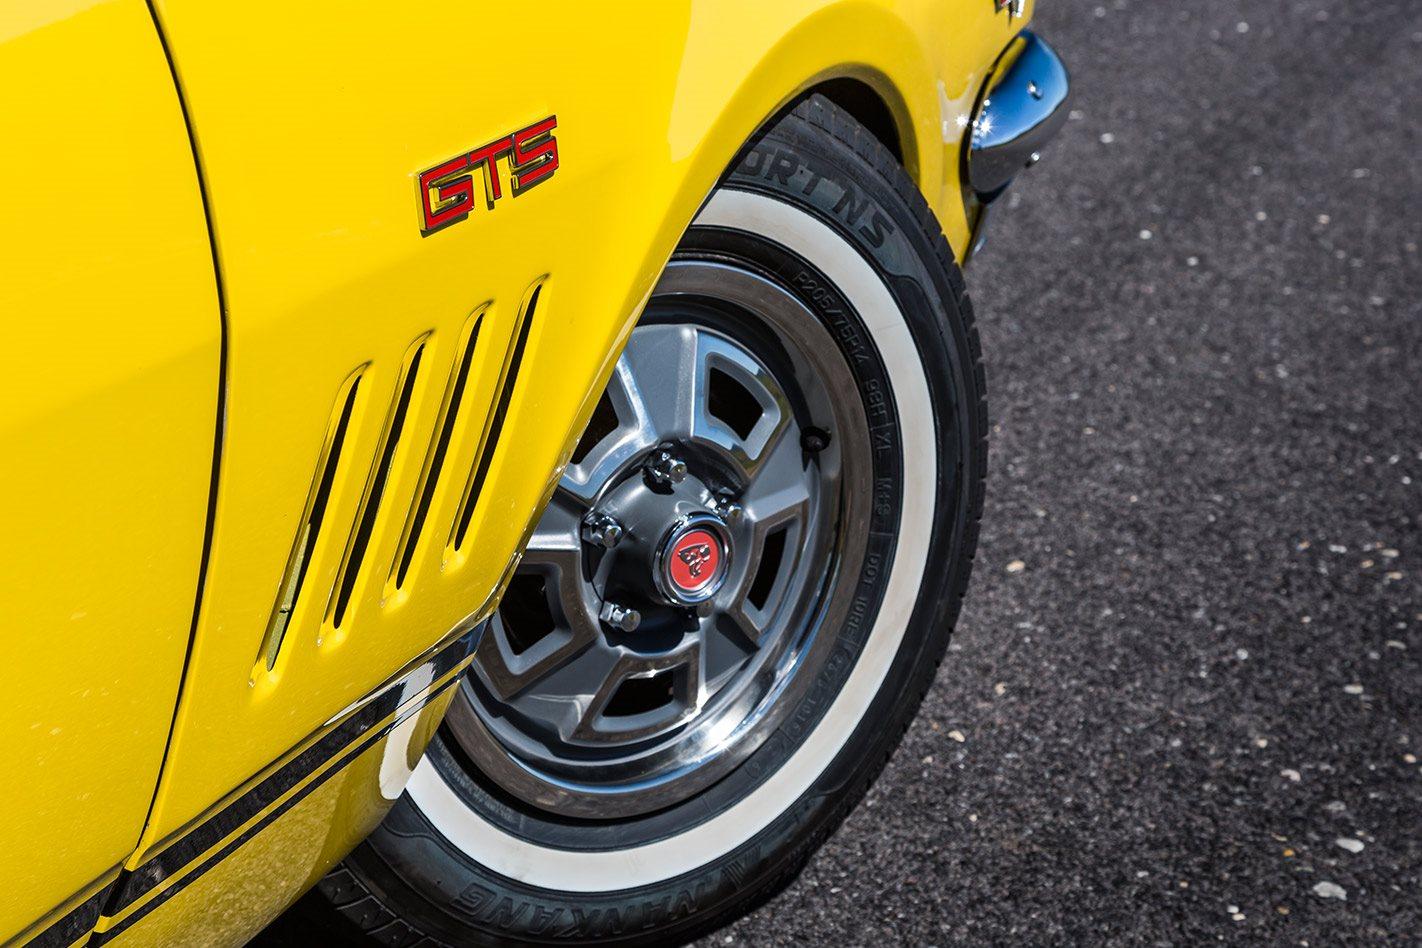 Holden HK Monaro wheel